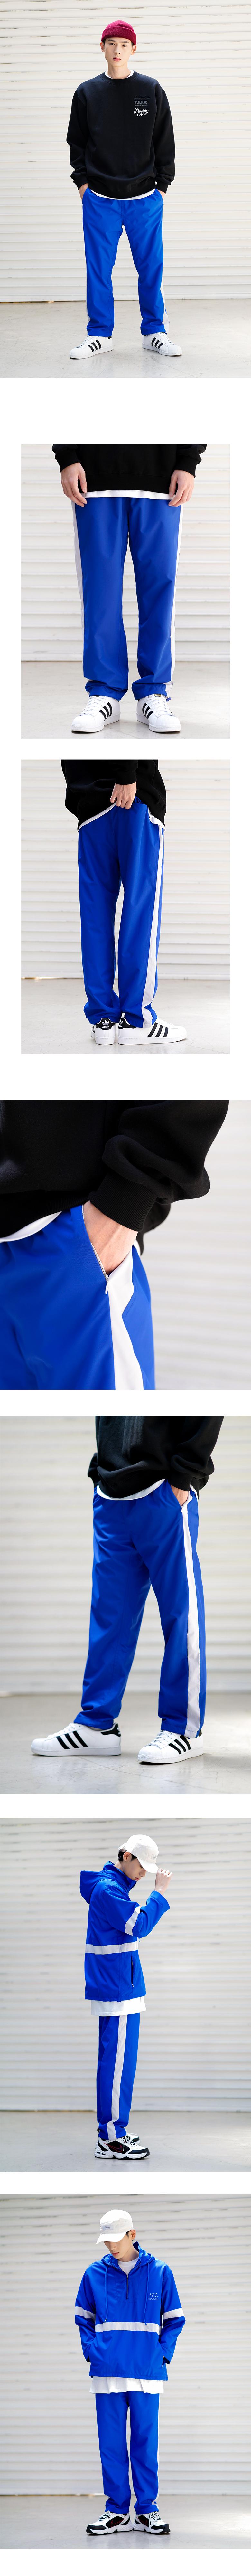 KHLP6142_model_blue.jpg